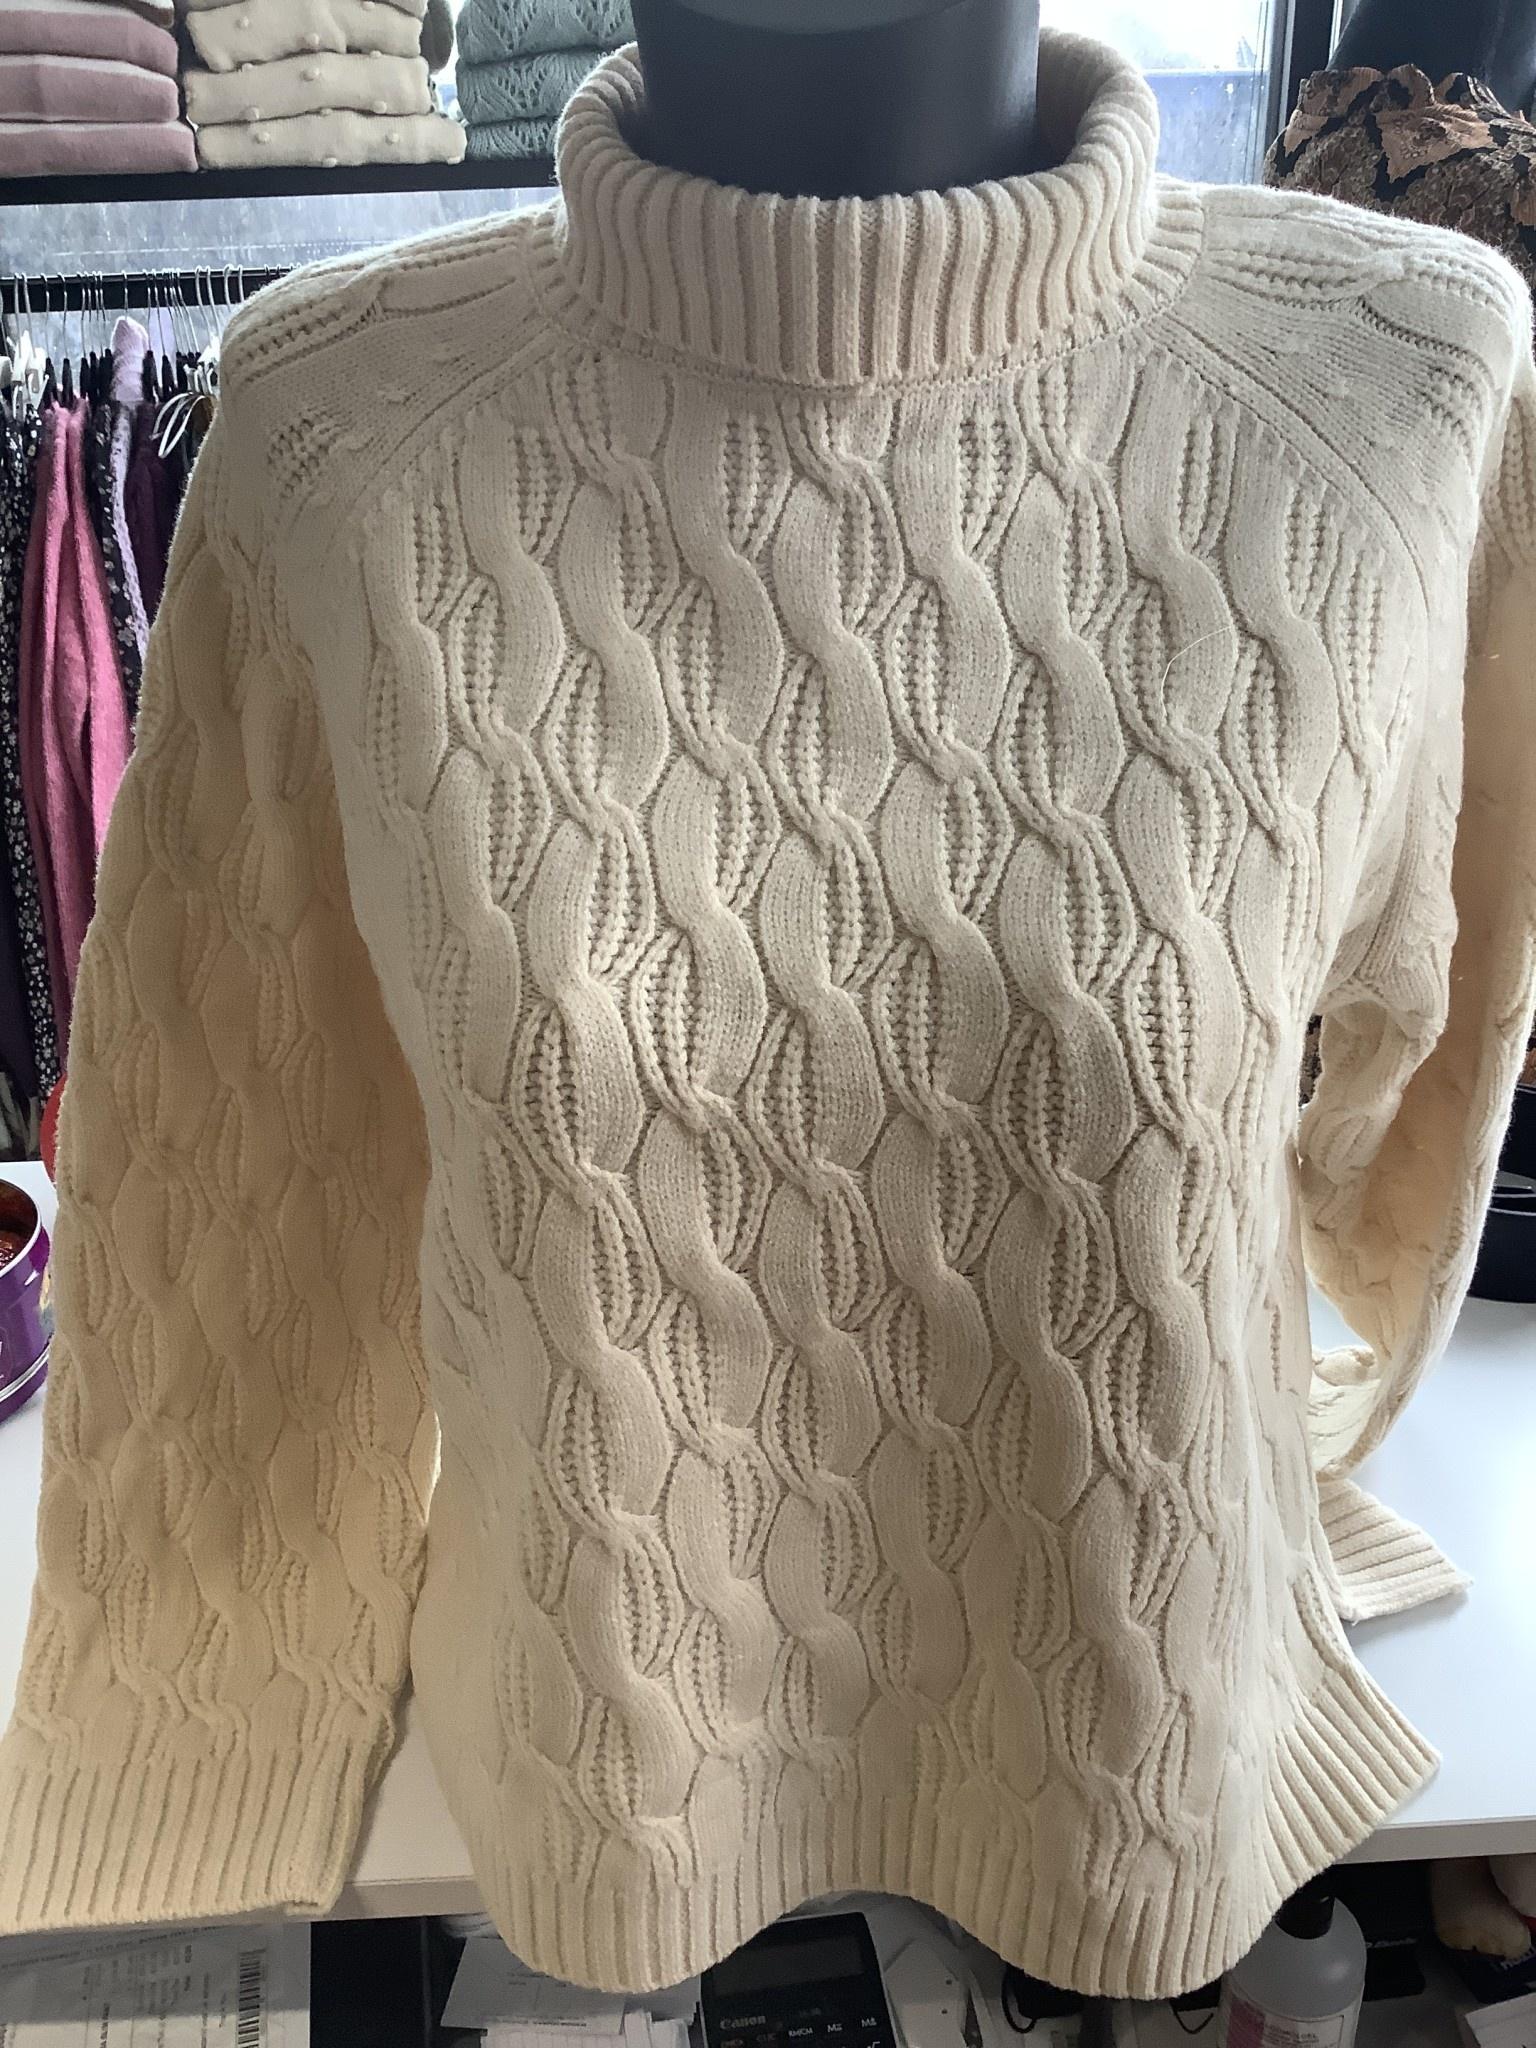 OBJECT OBJECT - objcorina l/s knit pullover